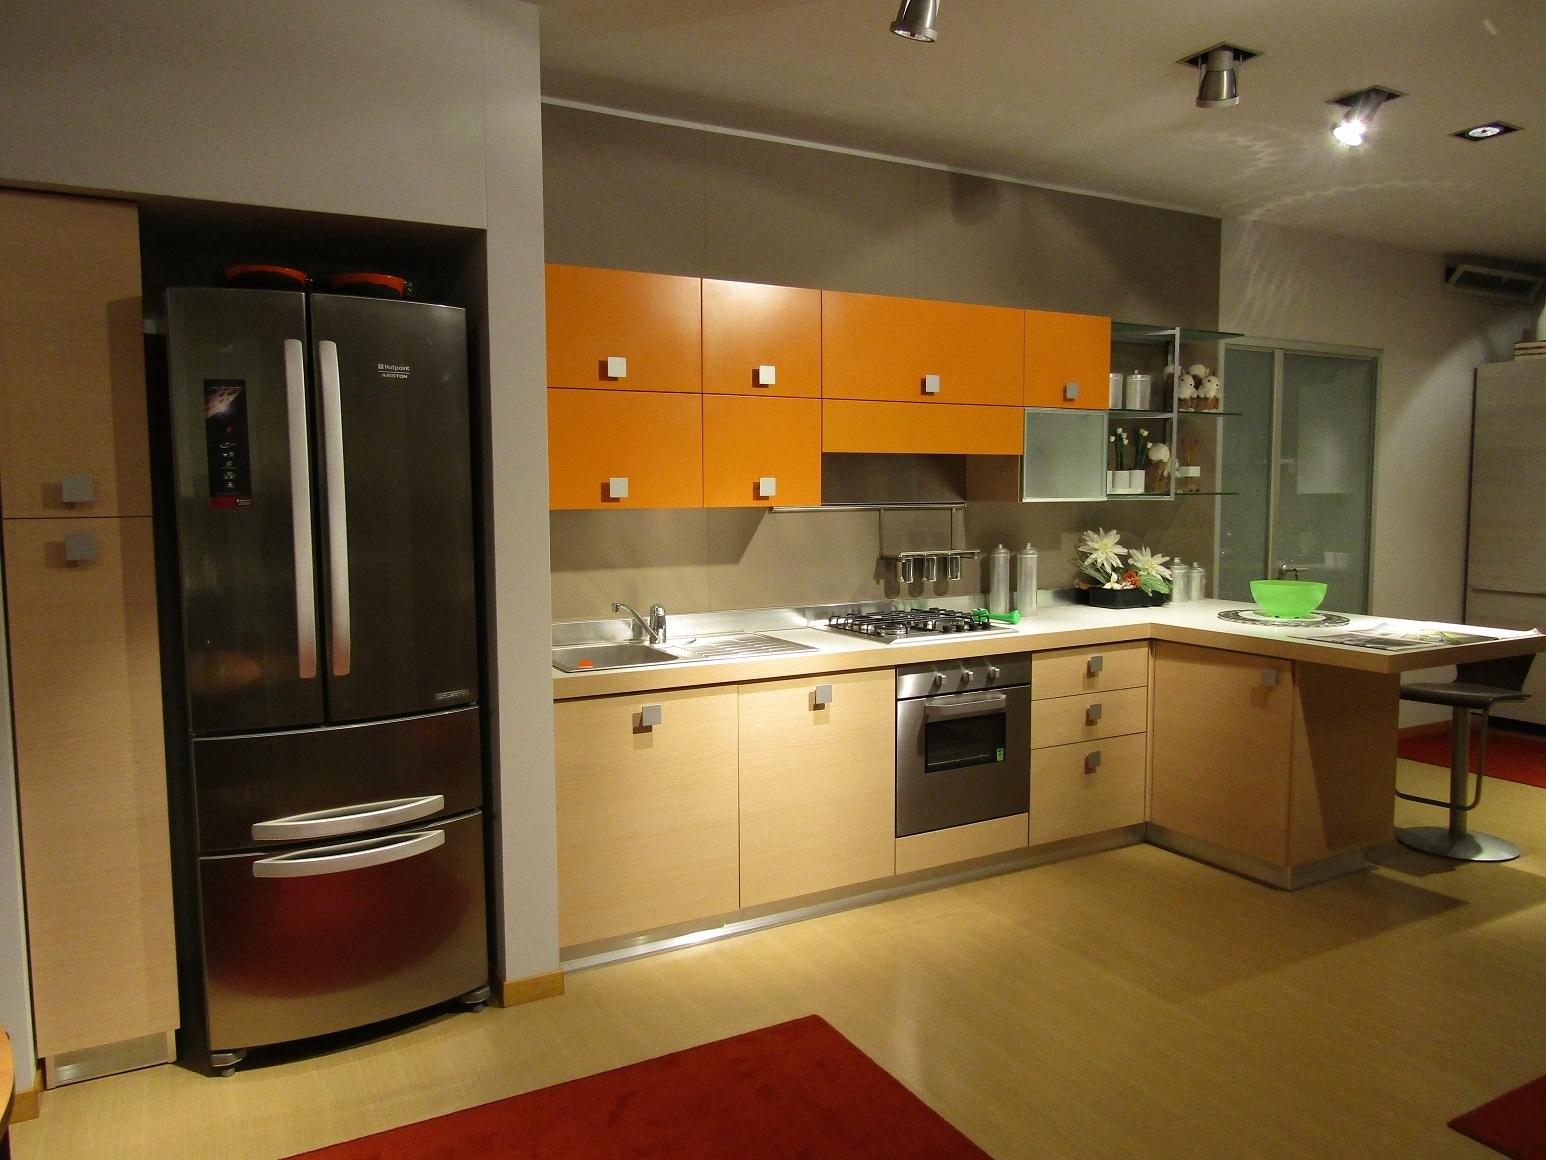 Cucine lissone offerte disegno idea camere da letto offerte milano mobili bagno prezzi offerte for Quanto costa una cucina scavolini